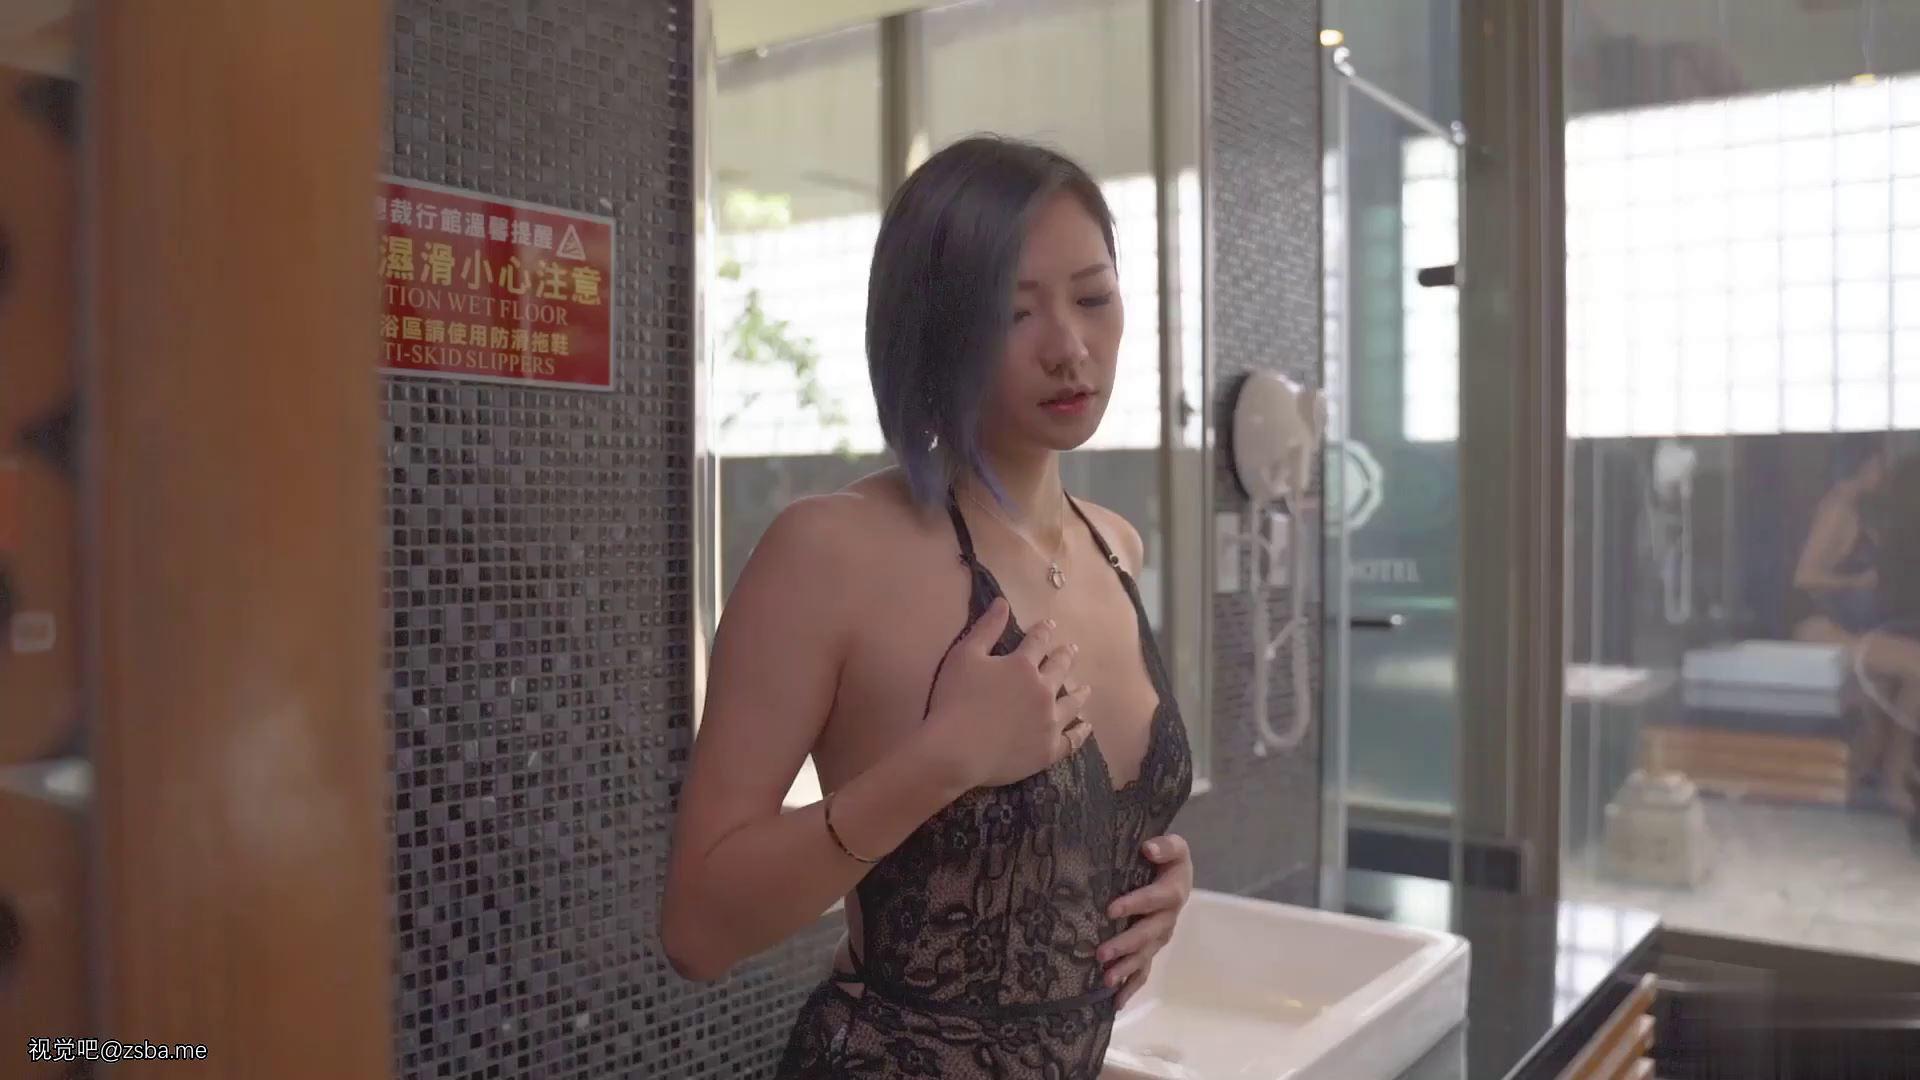 视觉吧@攝影大師大尺度私拍性感美女模特絲毫無法招架的感官過激[1V/427MB]插图1